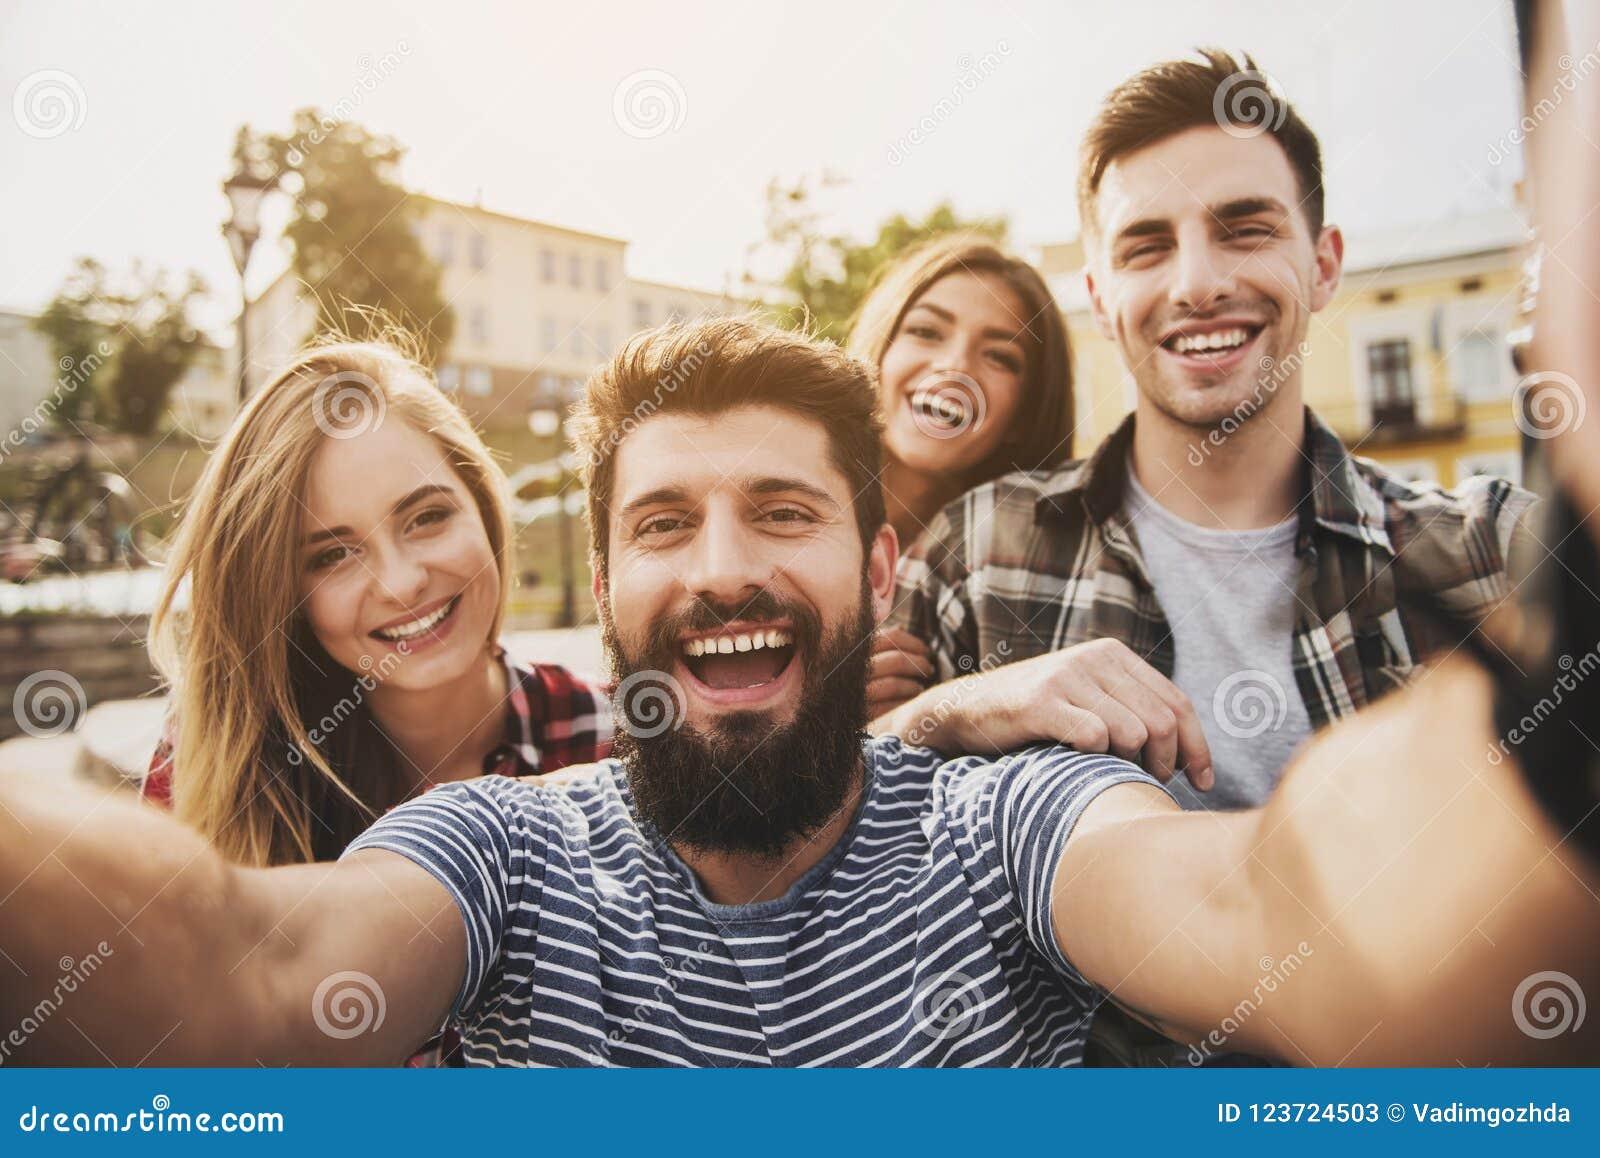 La gente feliz joven se divierte al aire libre en otoño